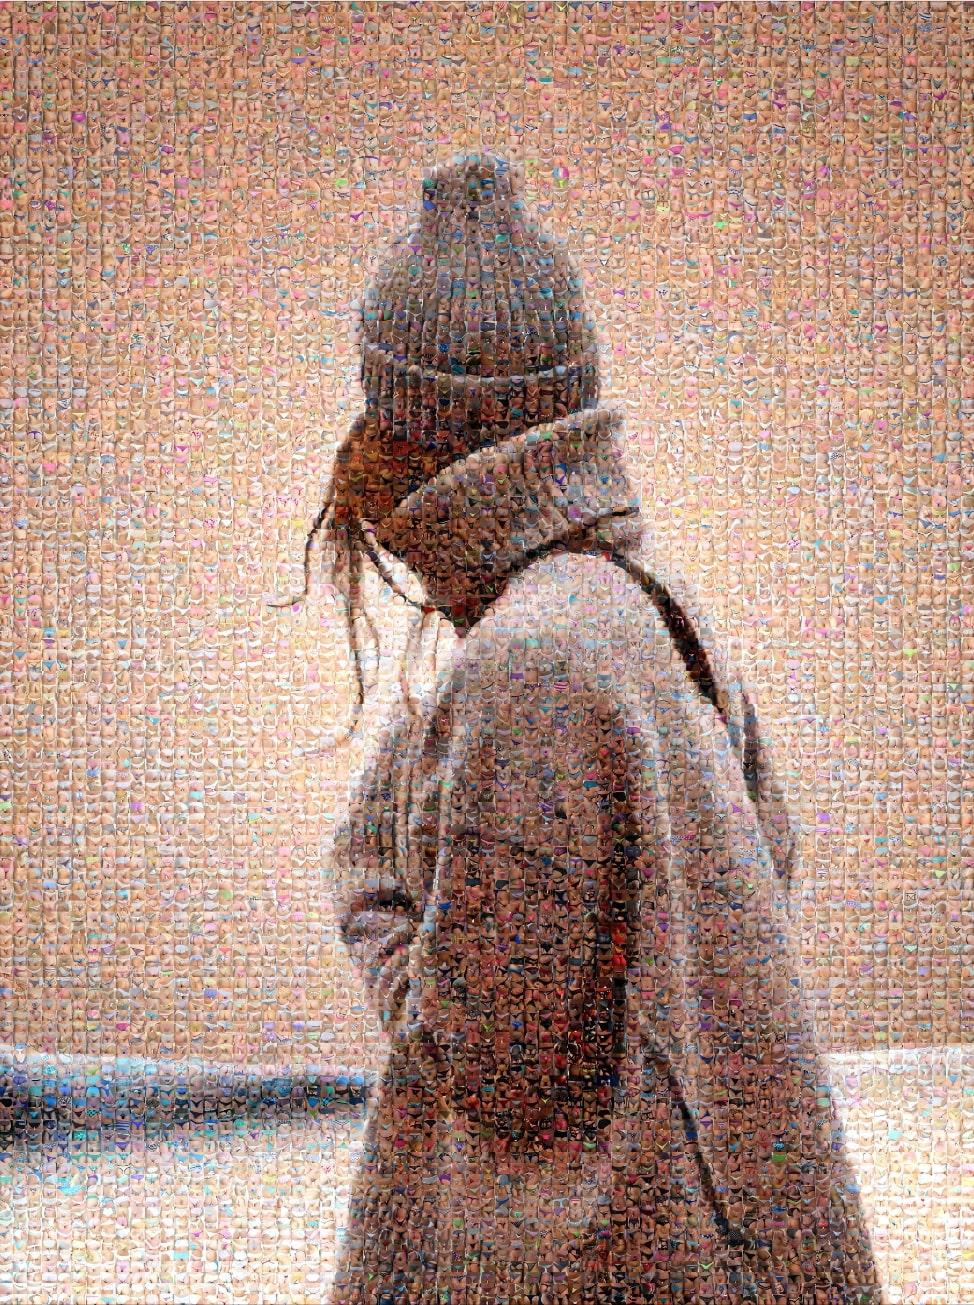 joel moens de hase tilsitt gallery 2020 - 057 soleil d'hiver-min